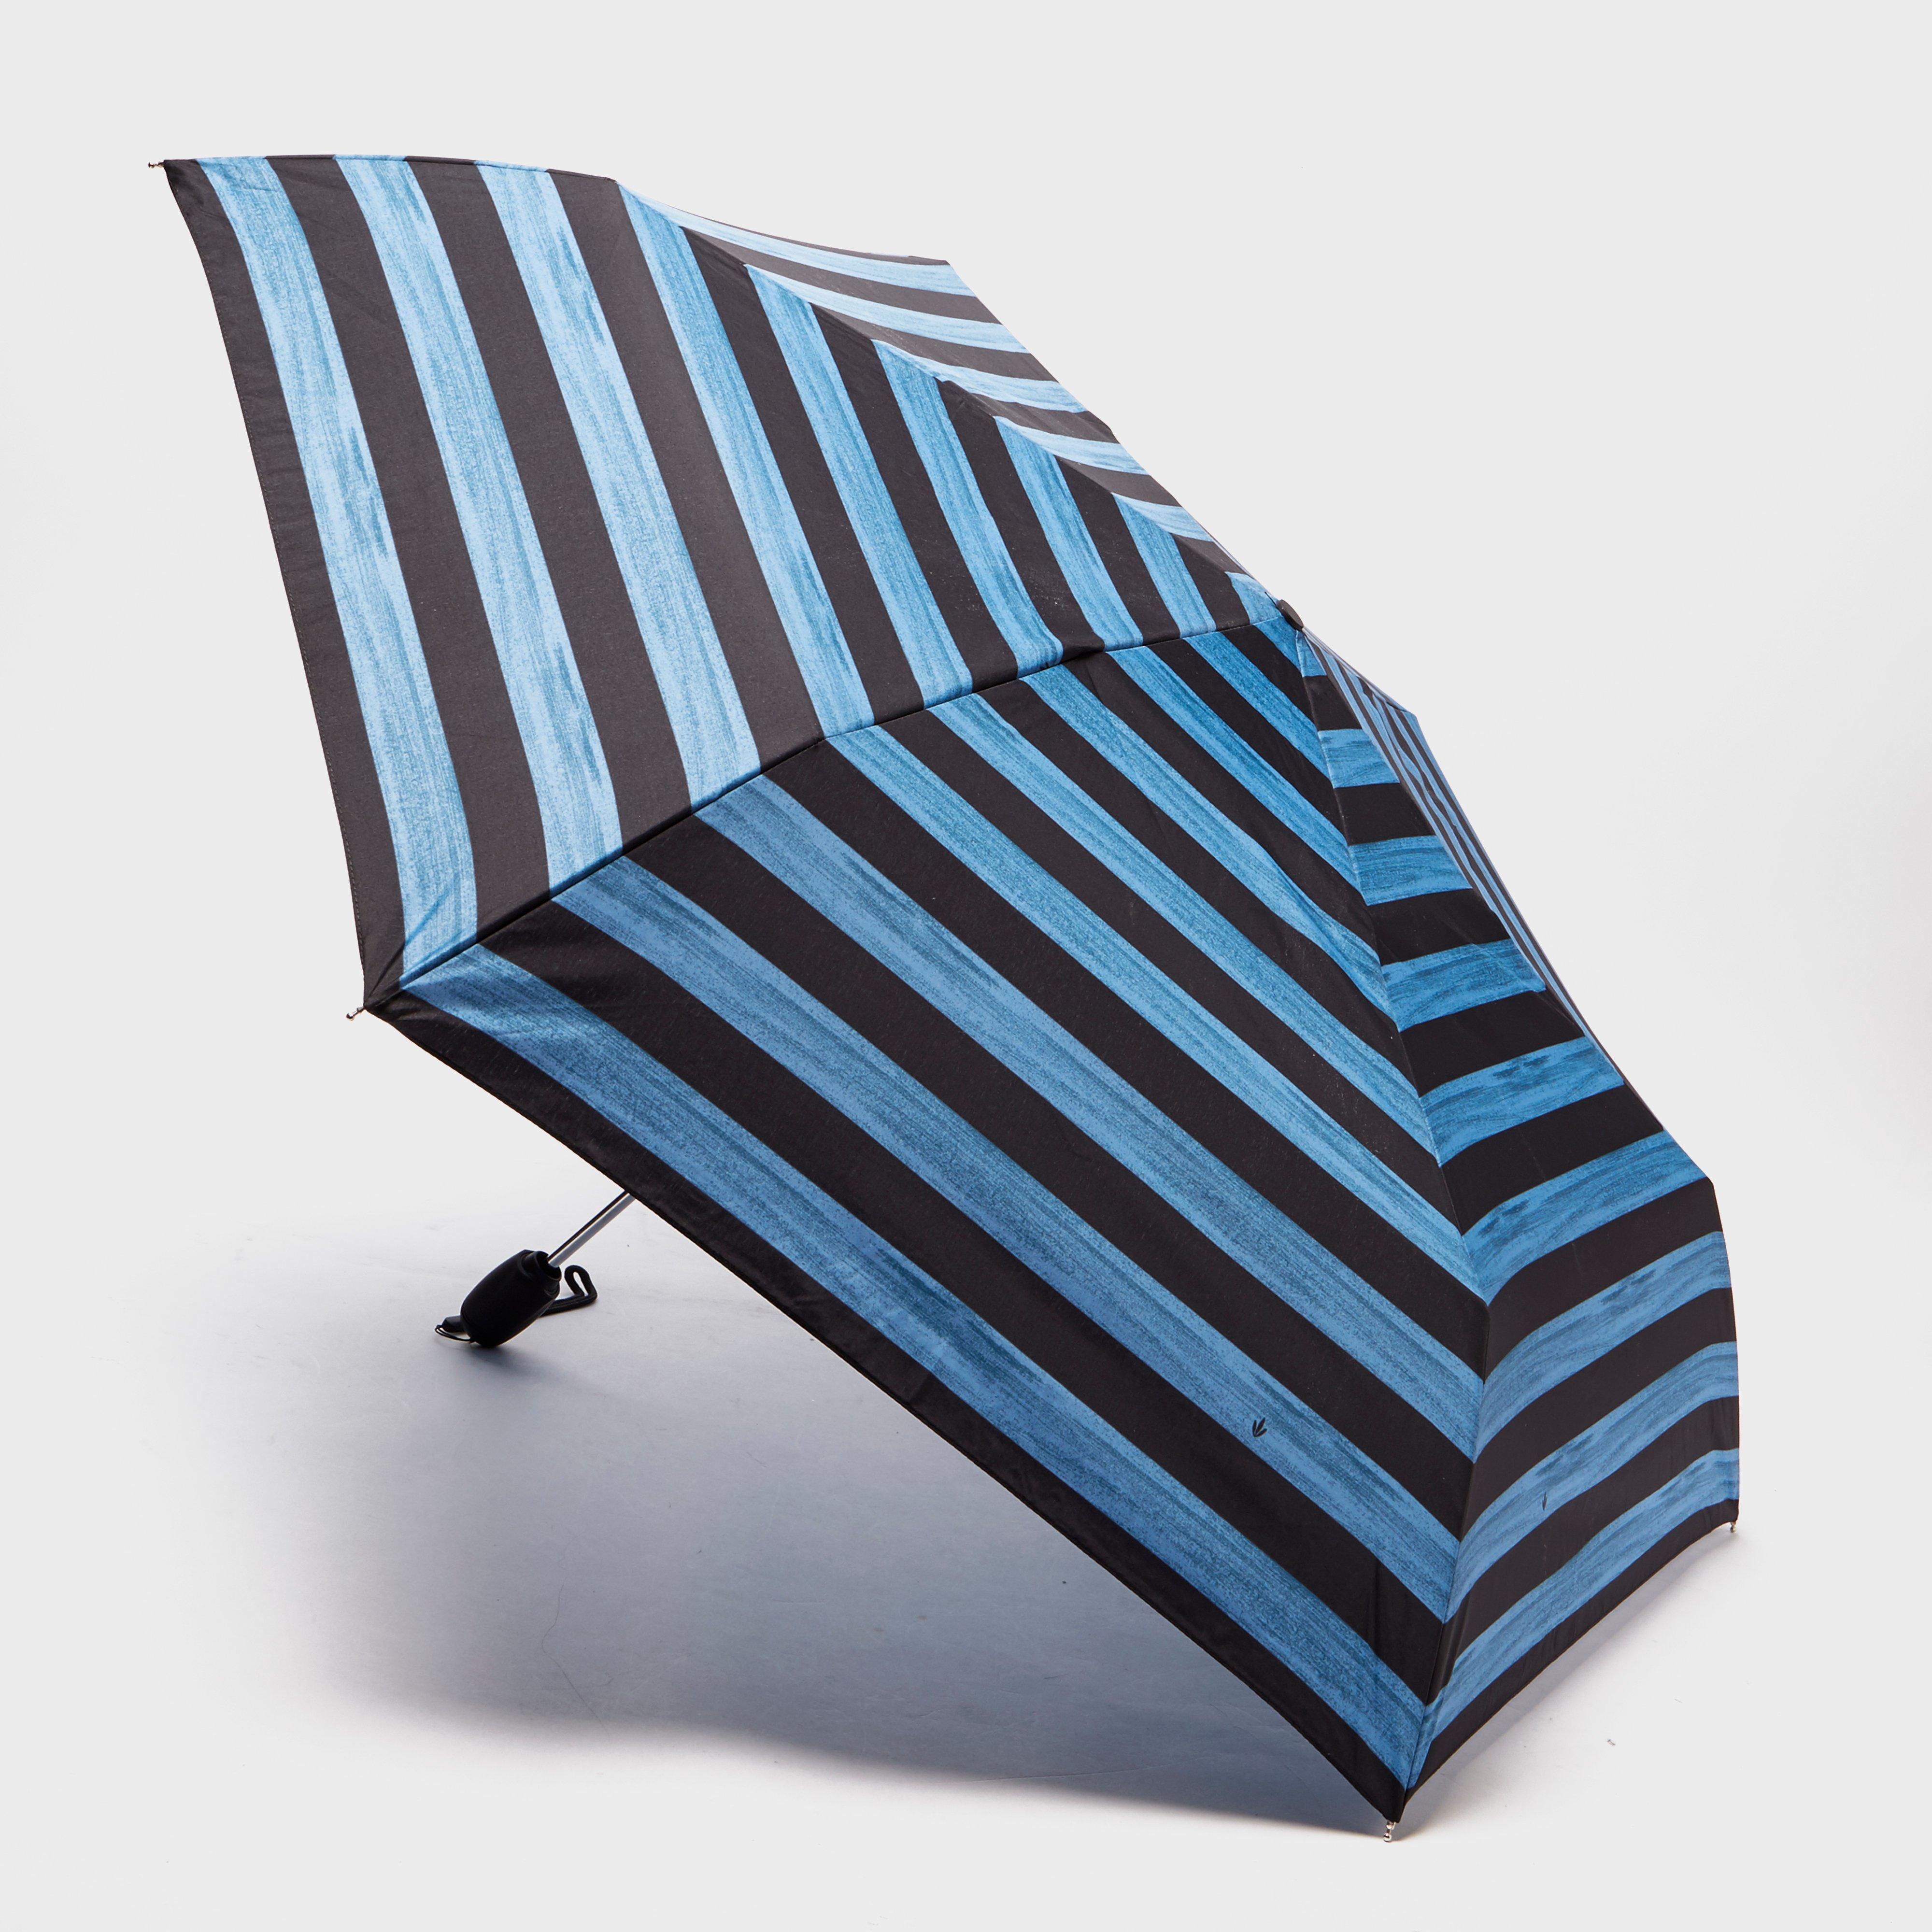 Fulton Fulton Superslim 2 Striped Umbrella - N/A, N/A